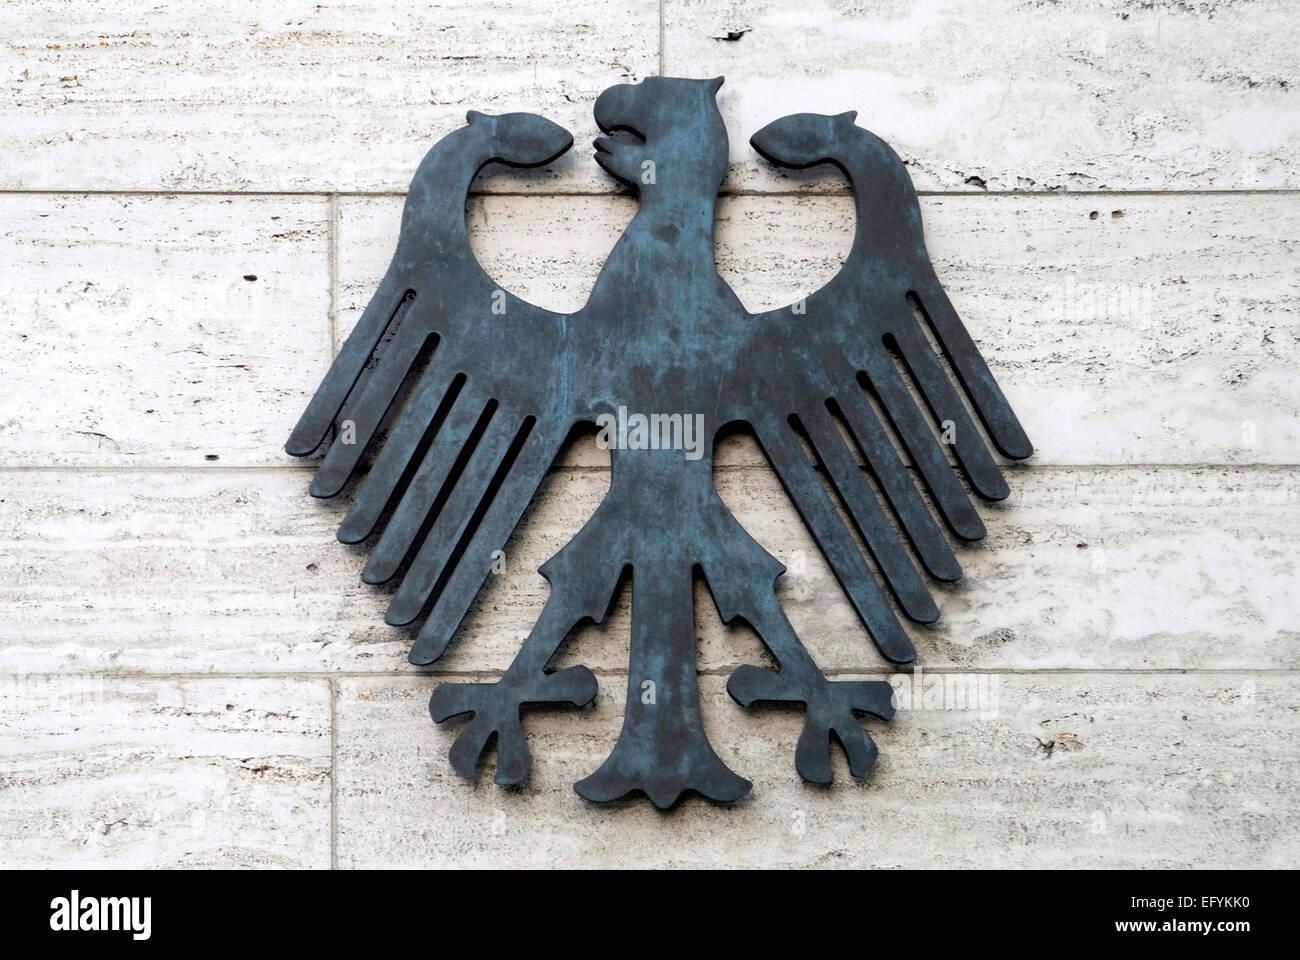 markt. de berlin